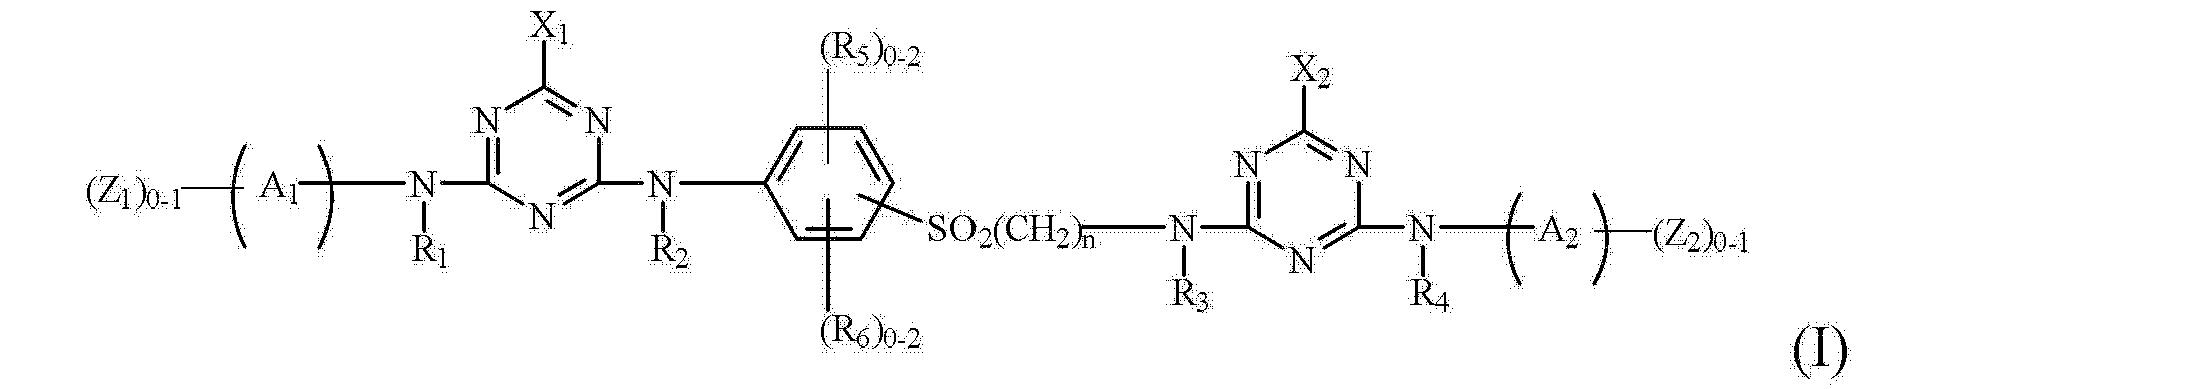 Figure CN102206428BC00021